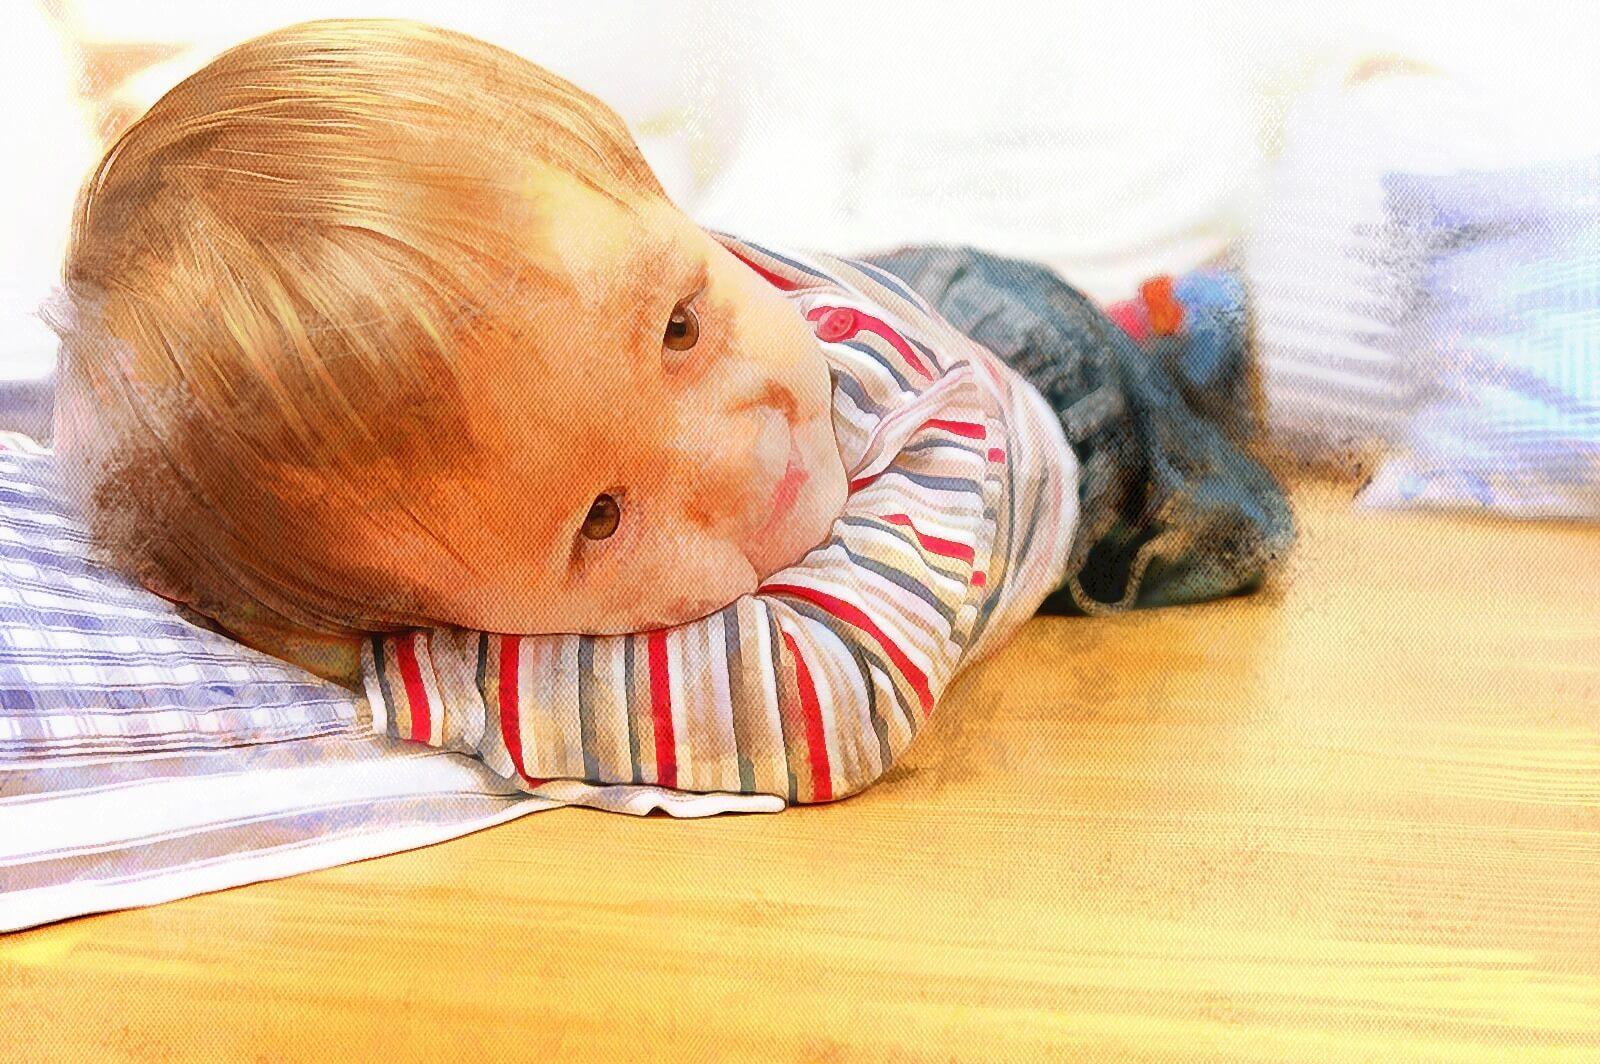 Право ребенка на защиту своих прав и законных интересов при покупке и приватизации жилья